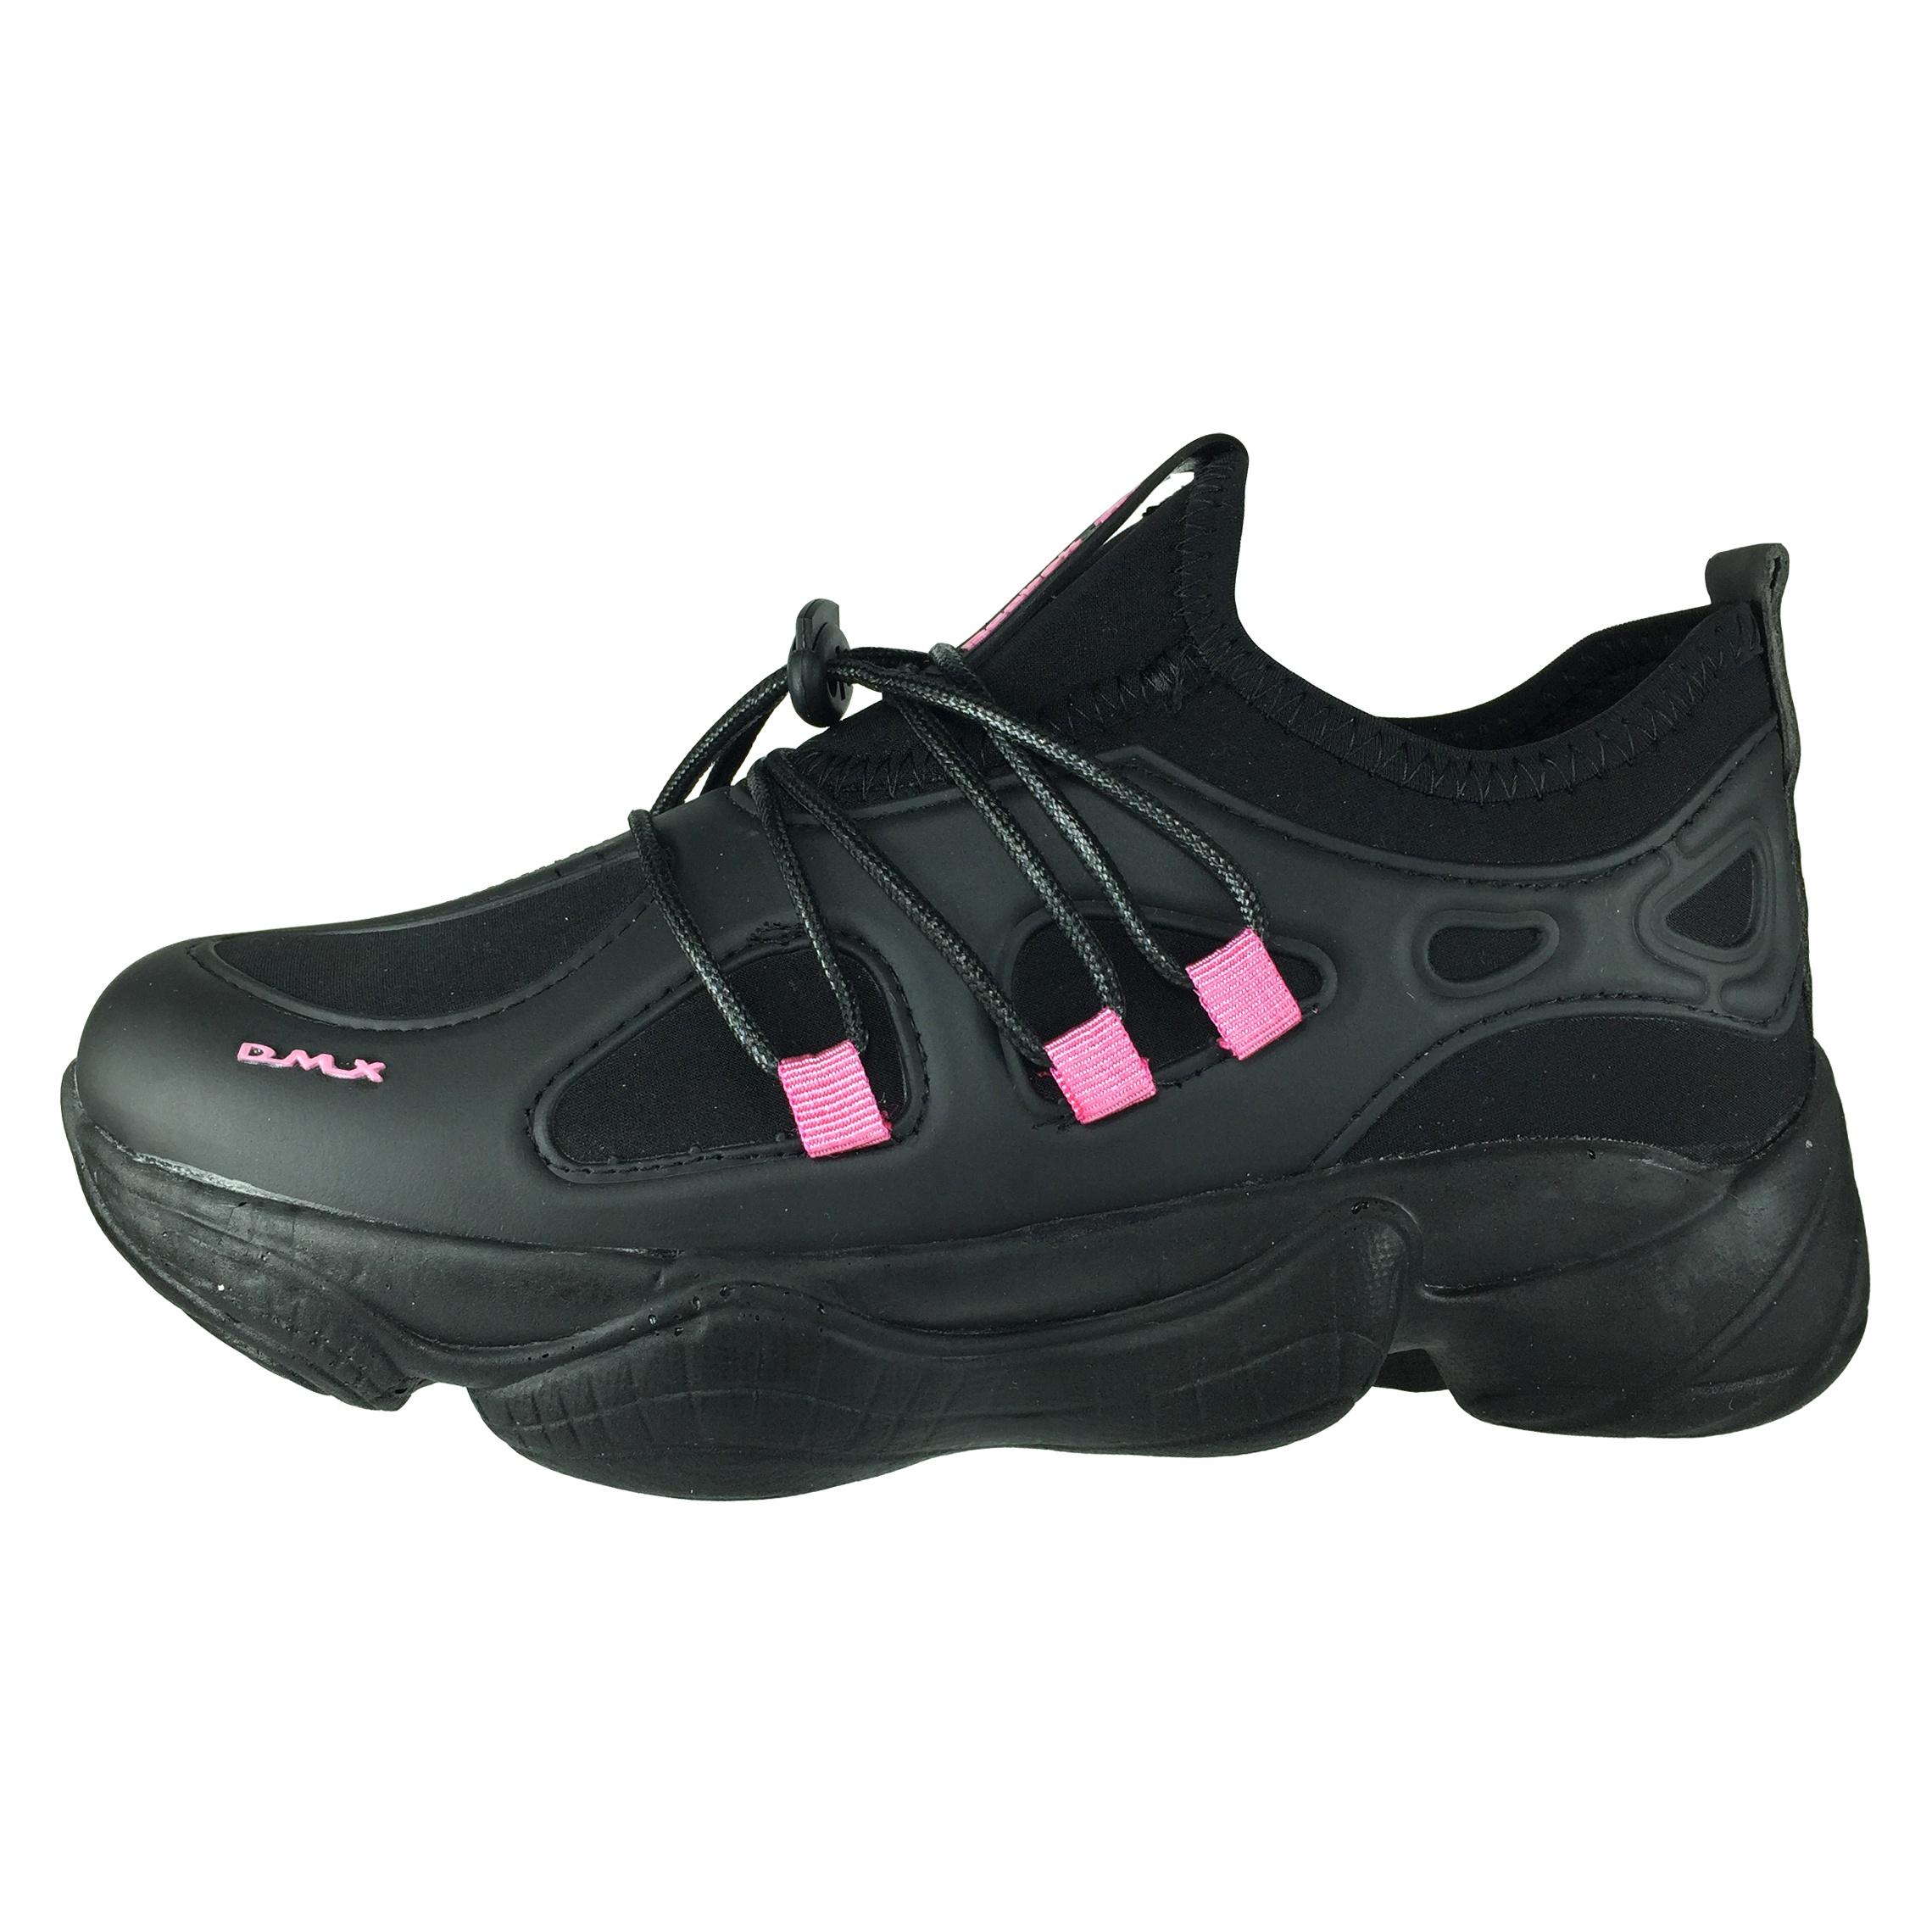 کفش راحتی زنانه مدل B516 رنگ مشکی